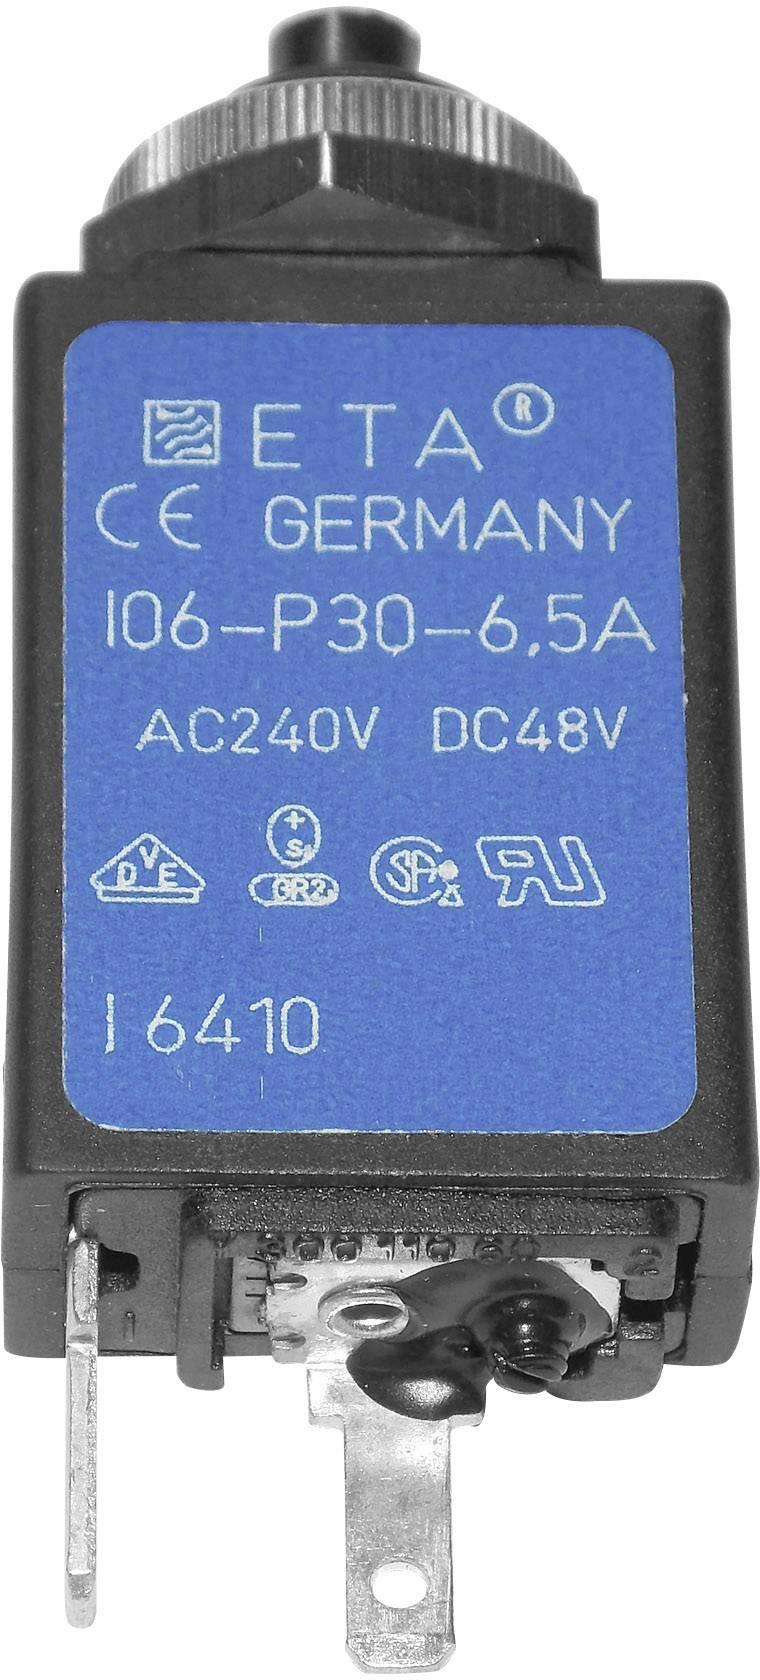 Istič termické ETA CE106P30-40-6,5 CE106P30-40-6,5, 240 V/AC, 6.5 A, 1 ks